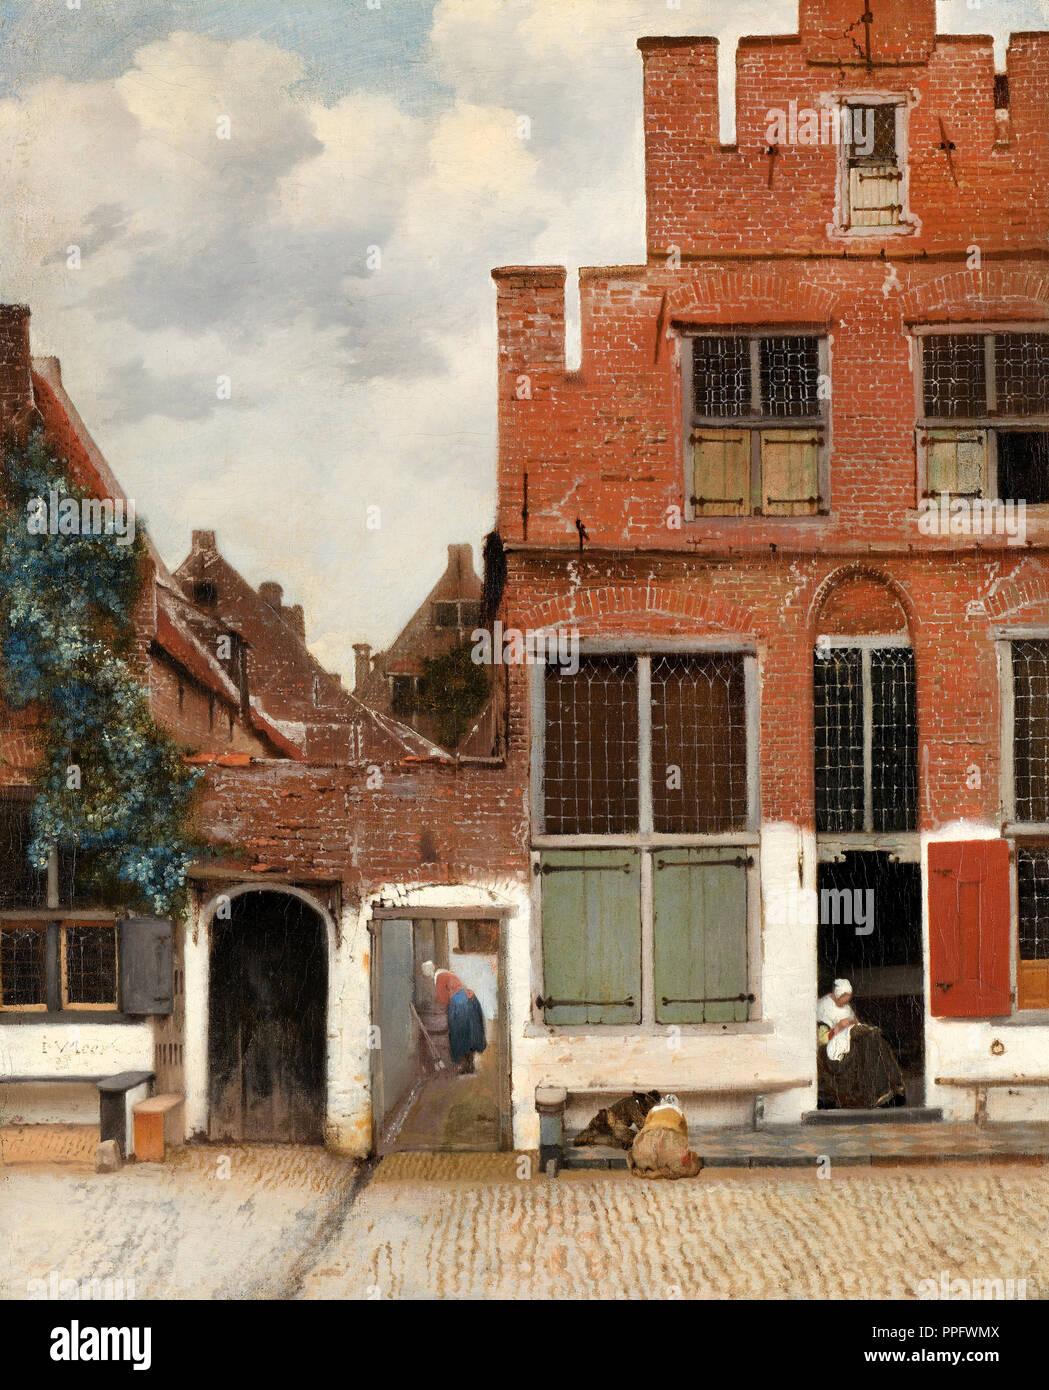 """Johannes Vermeer - Blick auf die Häuser in Delft, wie """"Die kleine Straße"""" bekannt. Circa 1658. Öl auf Leinwand. Rijksmuseum Amsterdam, Niederlande. Stockbild"""